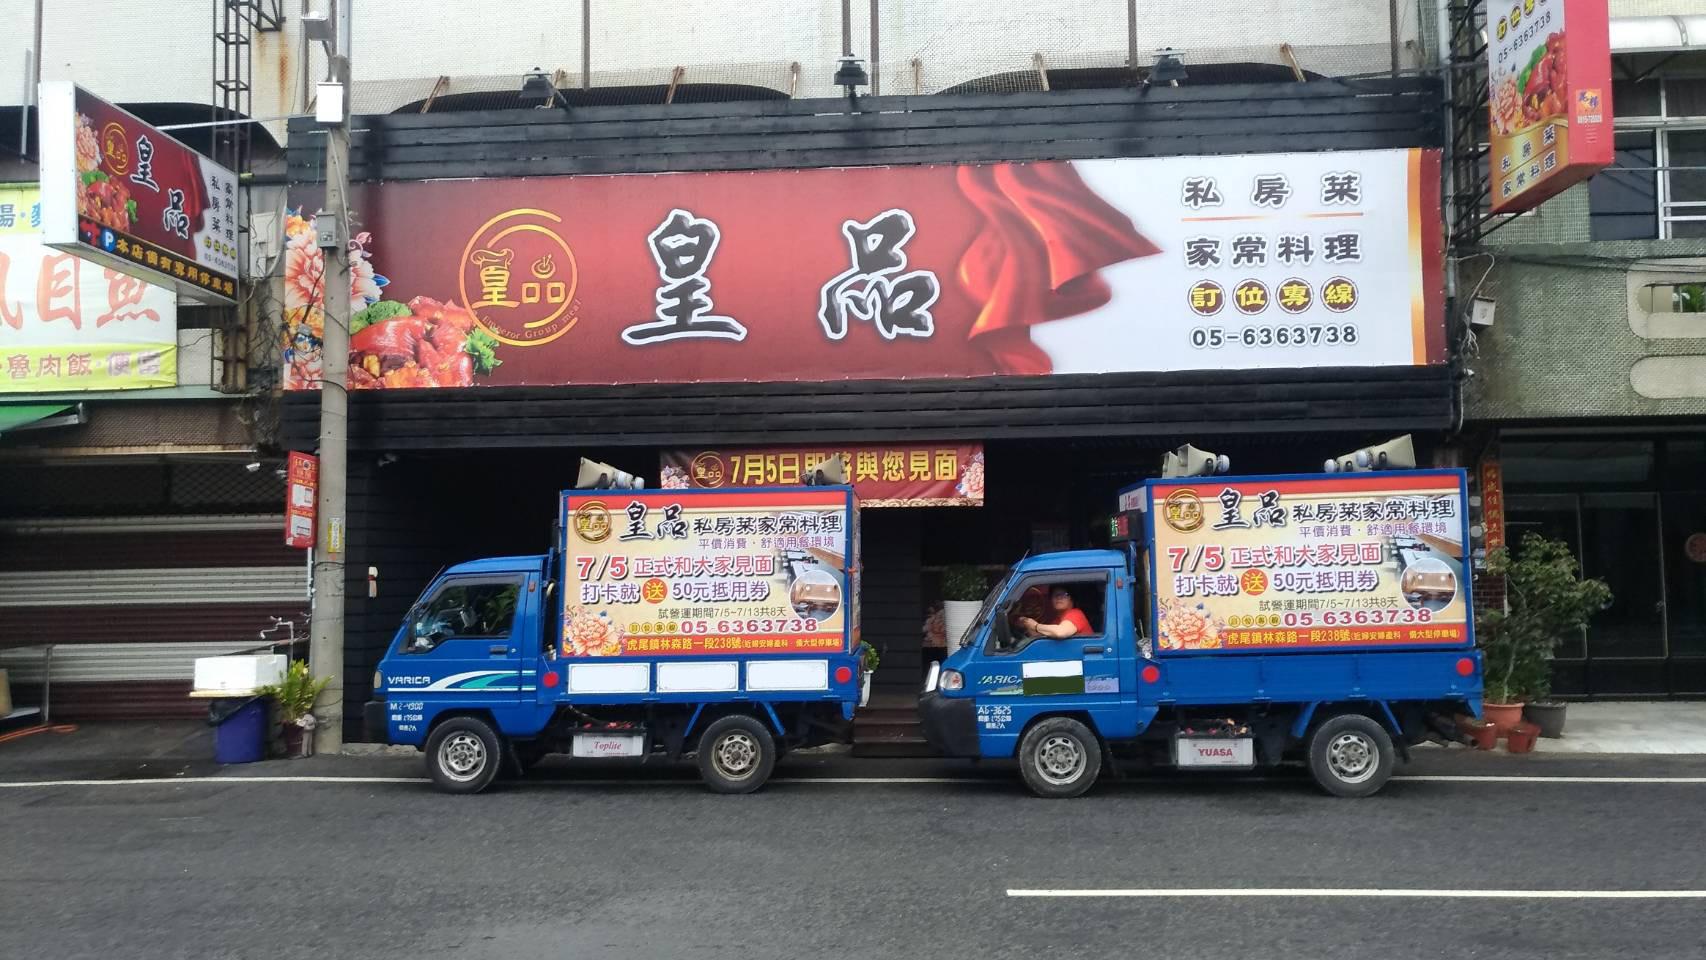 品皇私房菜 廣告車服務